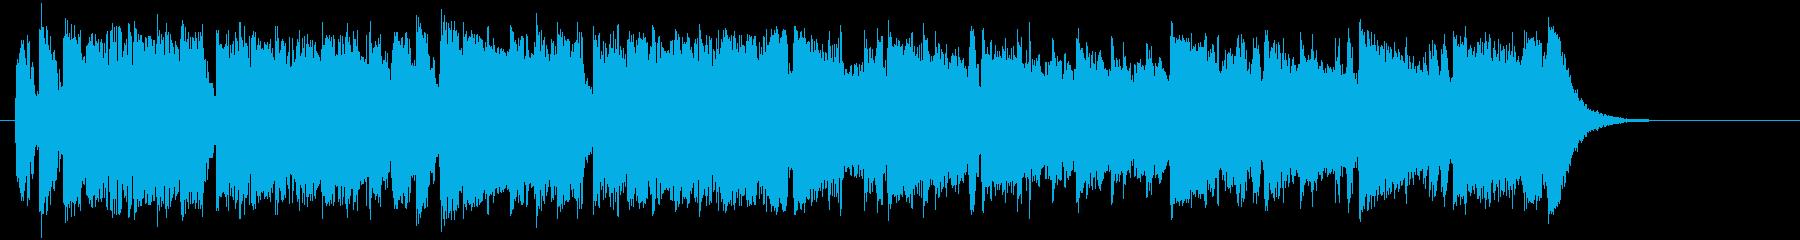 シンセによる軽快なポップミュージックの再生済みの波形